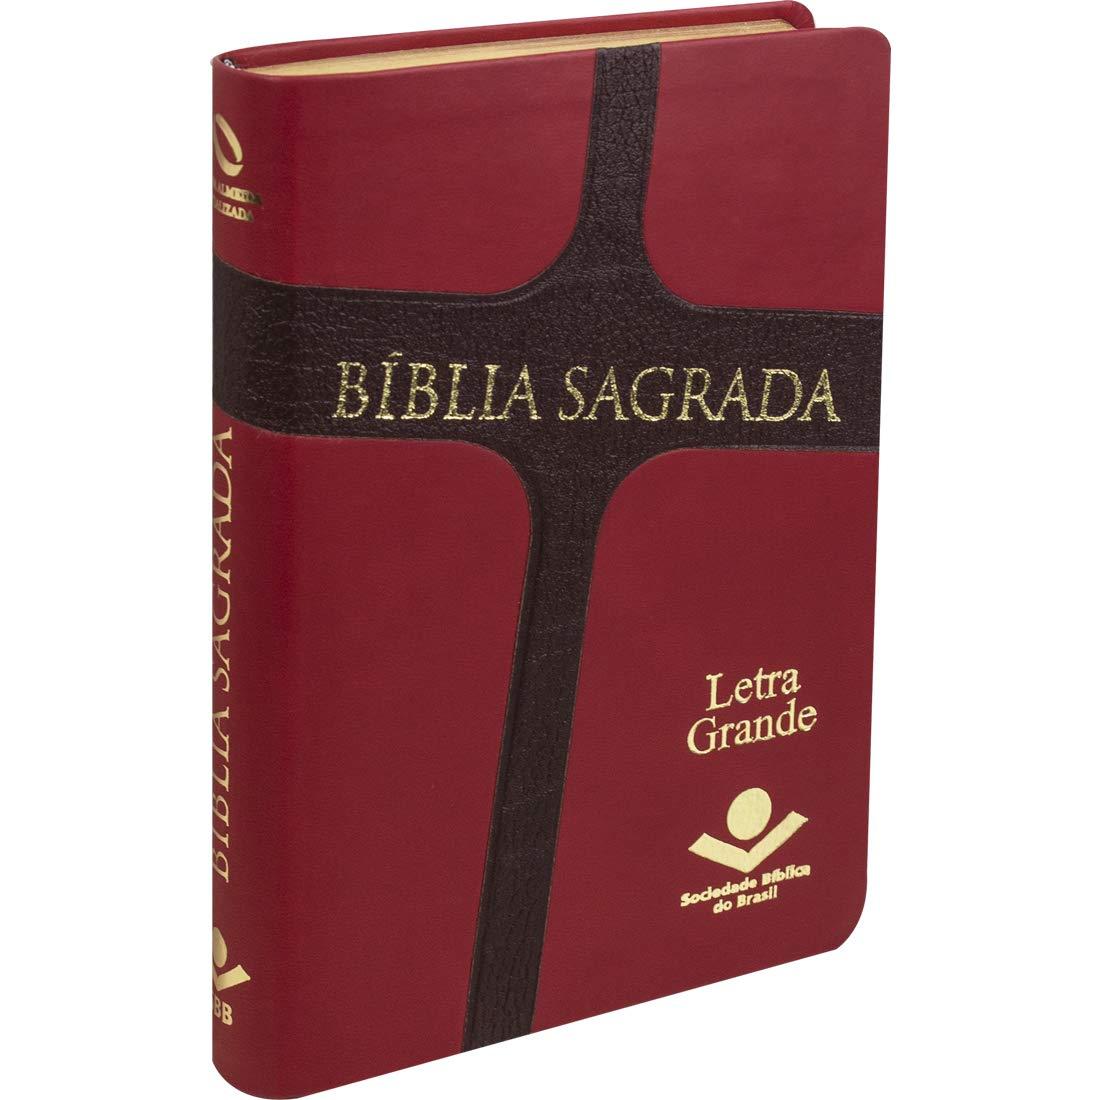 Bíblia Sagrada Letra Grande / Vermelho Cruz - (NAA)  - Universo Bíblico Rs